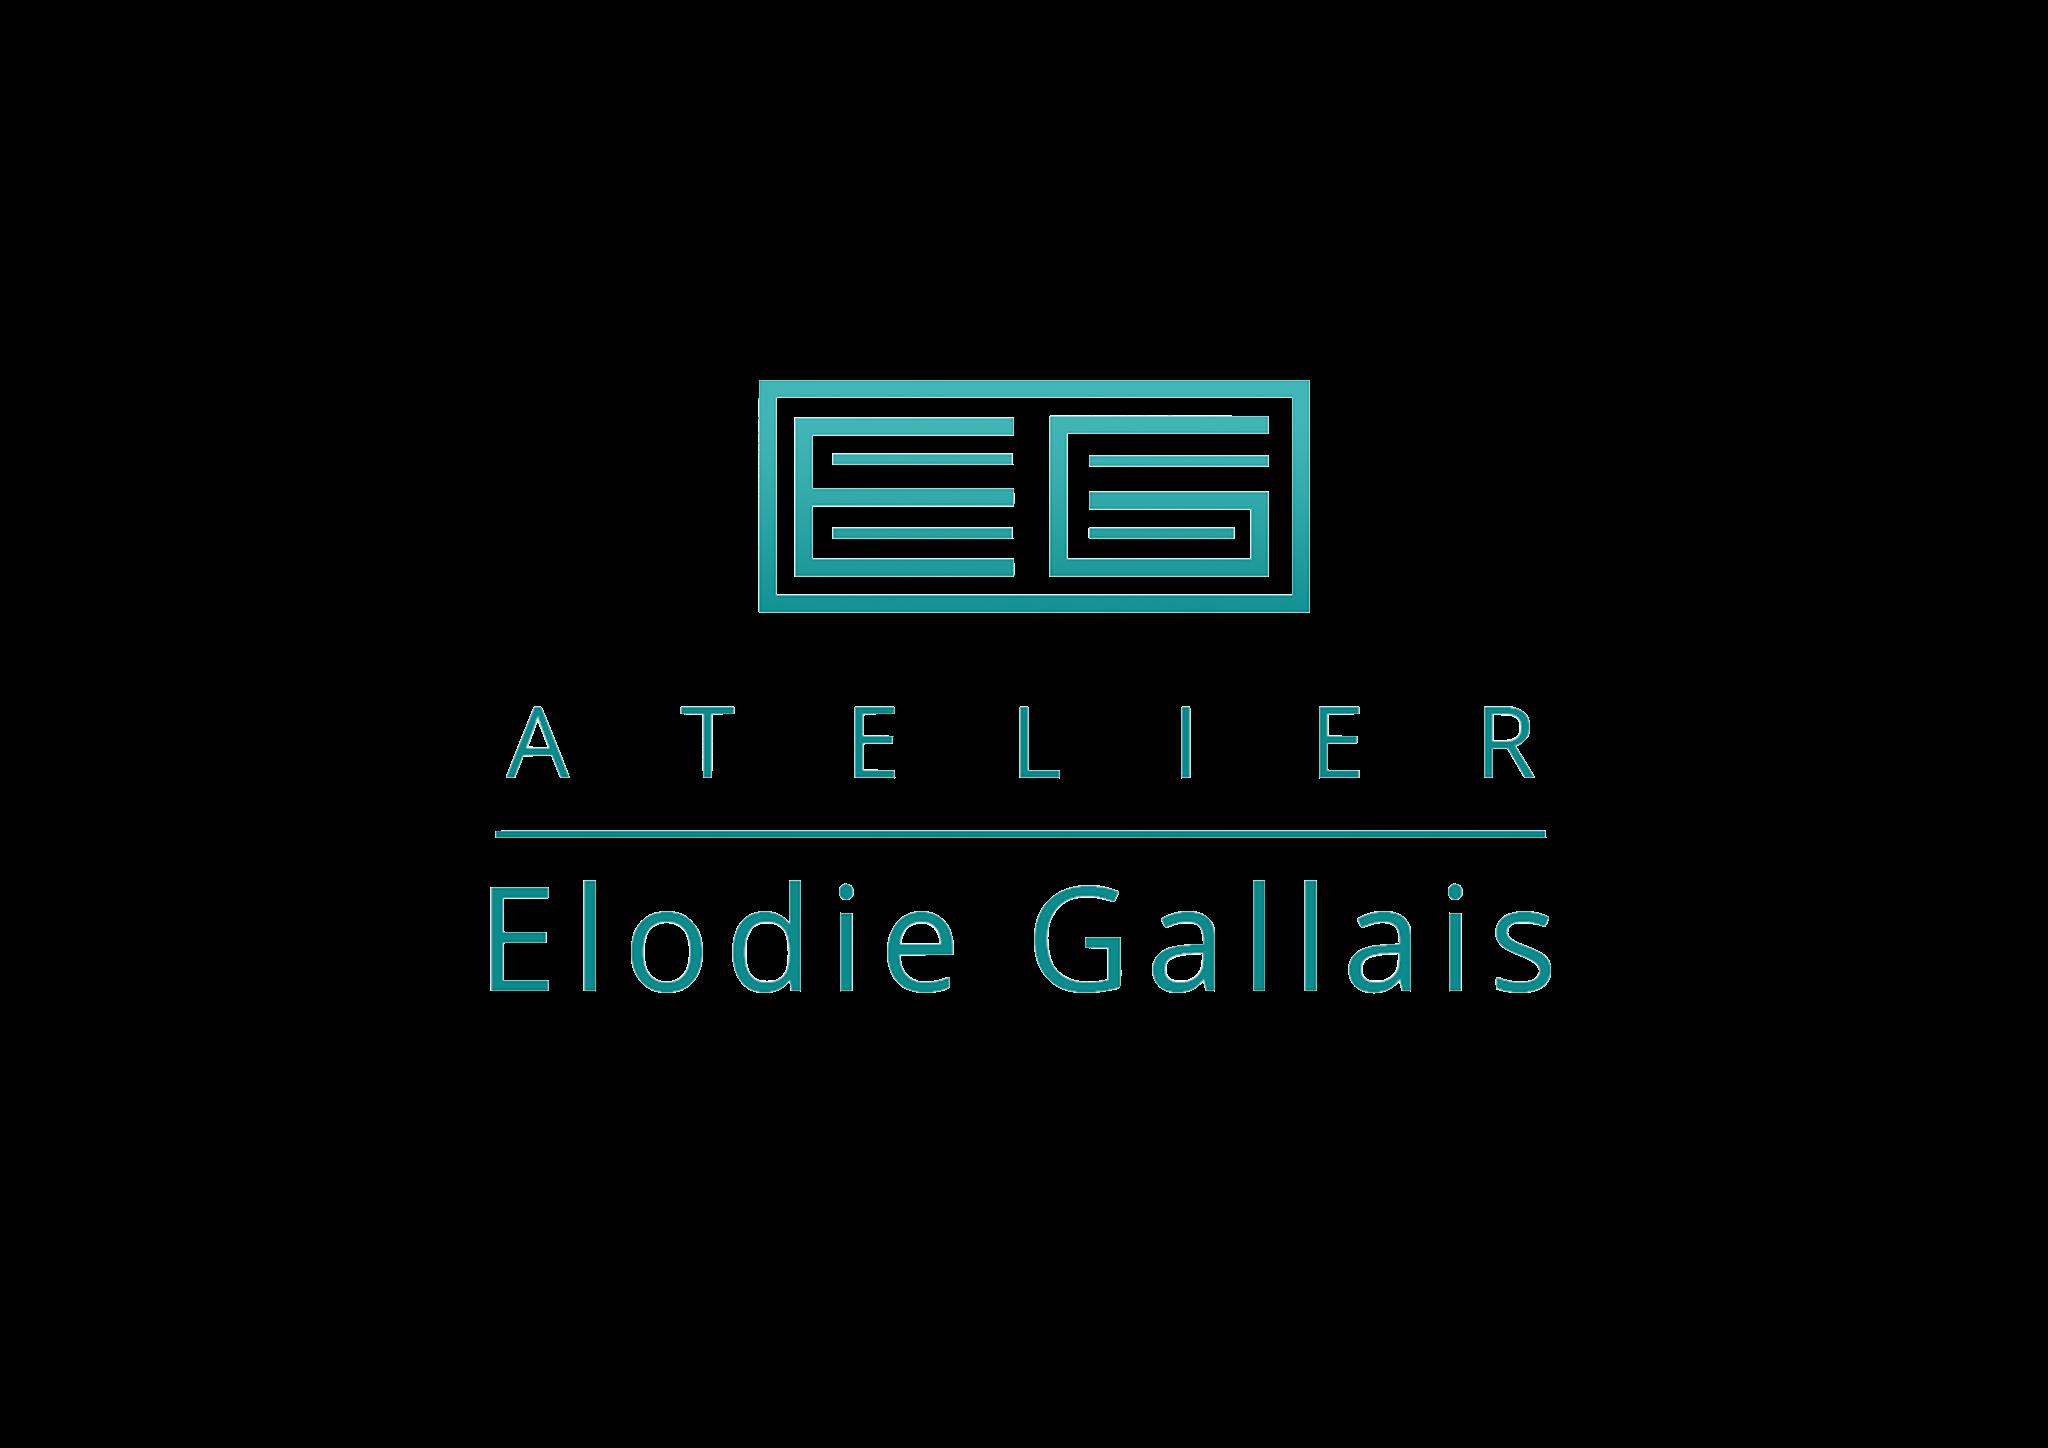 Elodie Gallais by Mur'mur